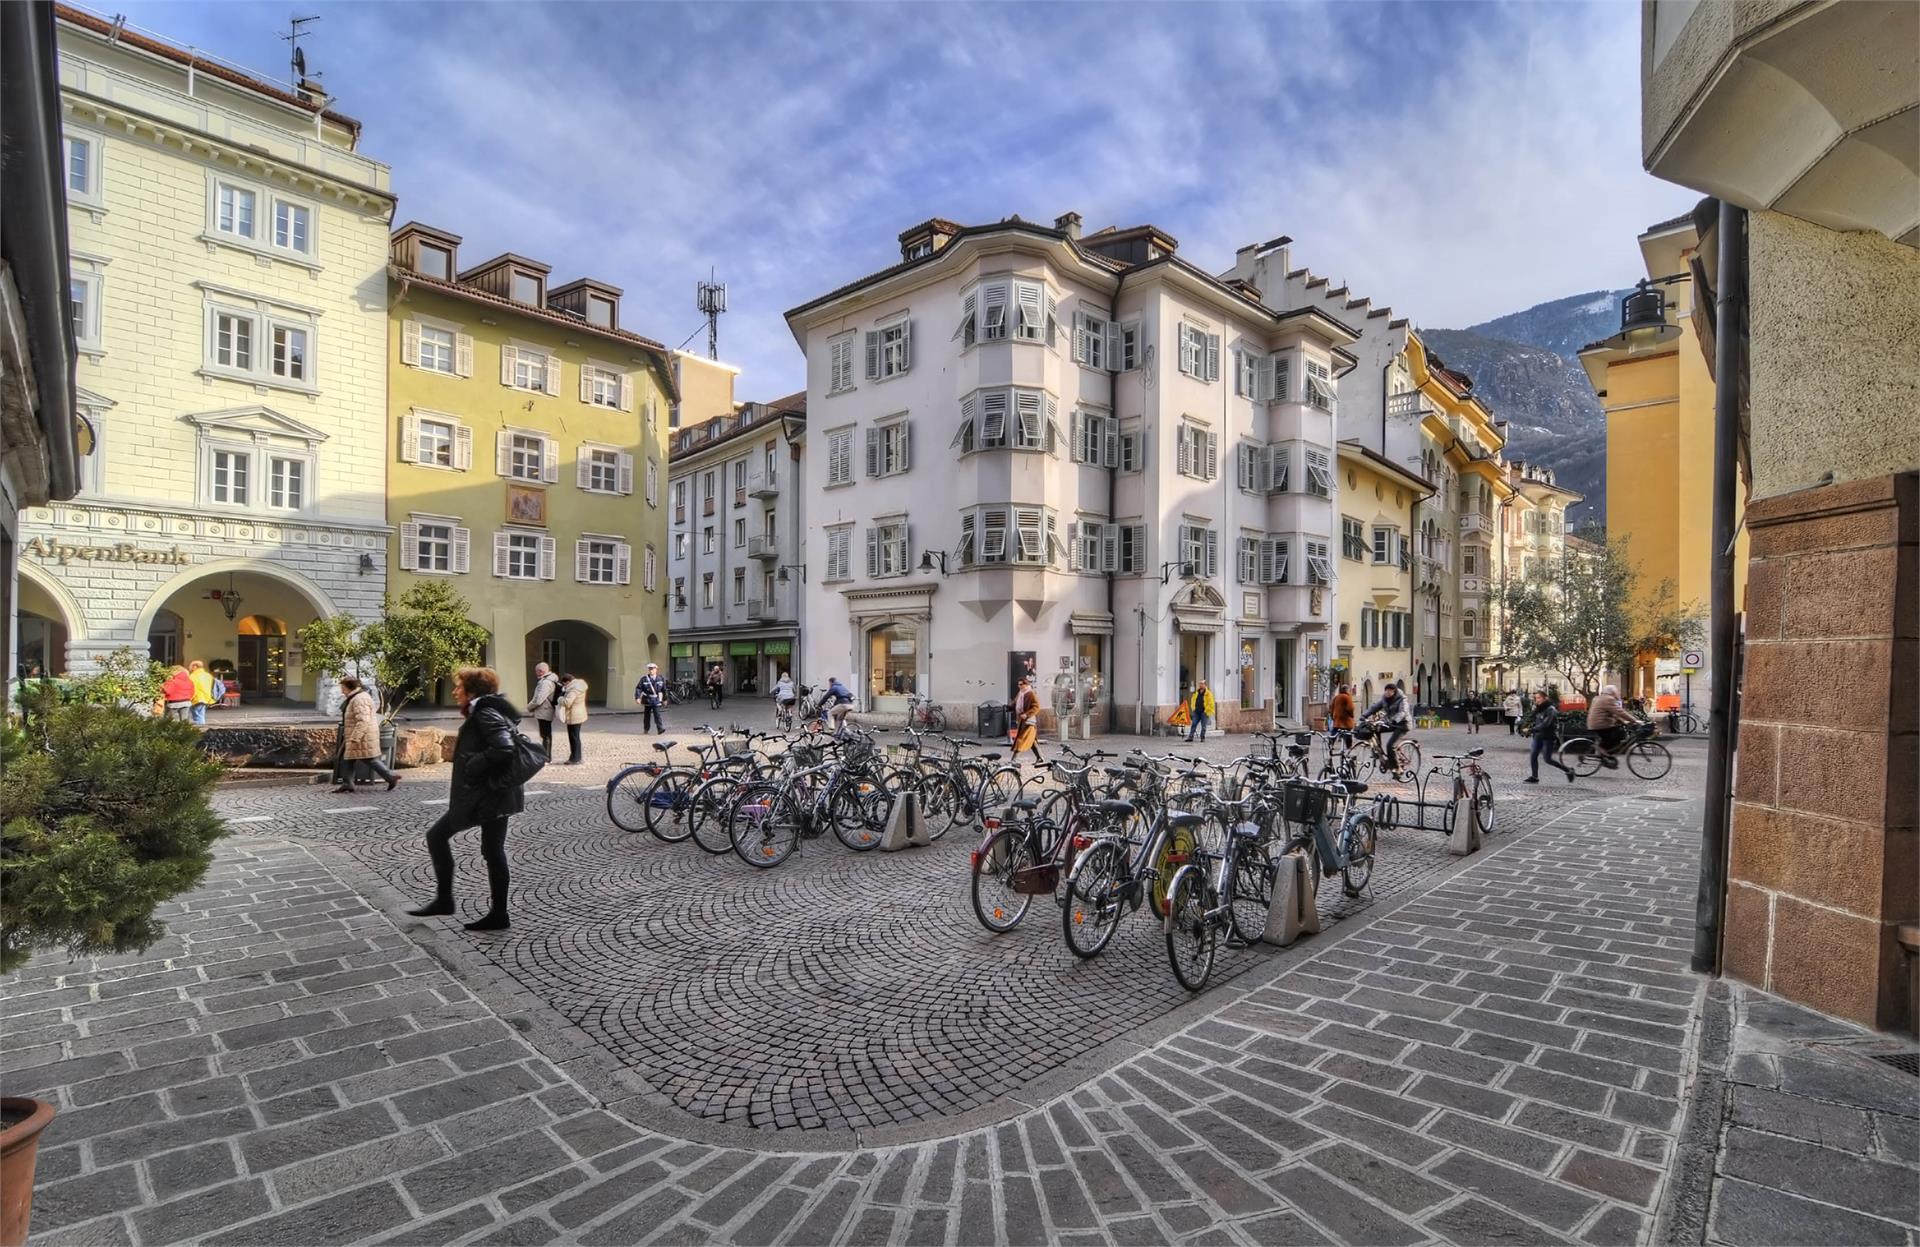 Kornplatz in Bozen